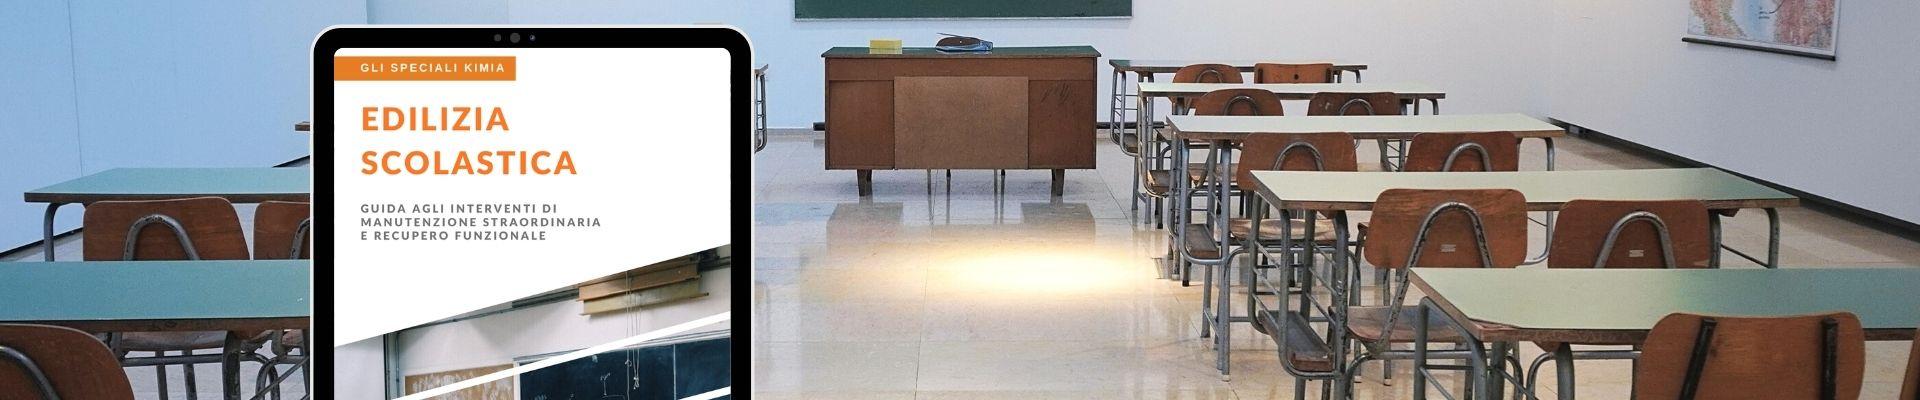 Edilizia scolastica: guida agli interventi di manutenzione straordinaria e recupero funzionale